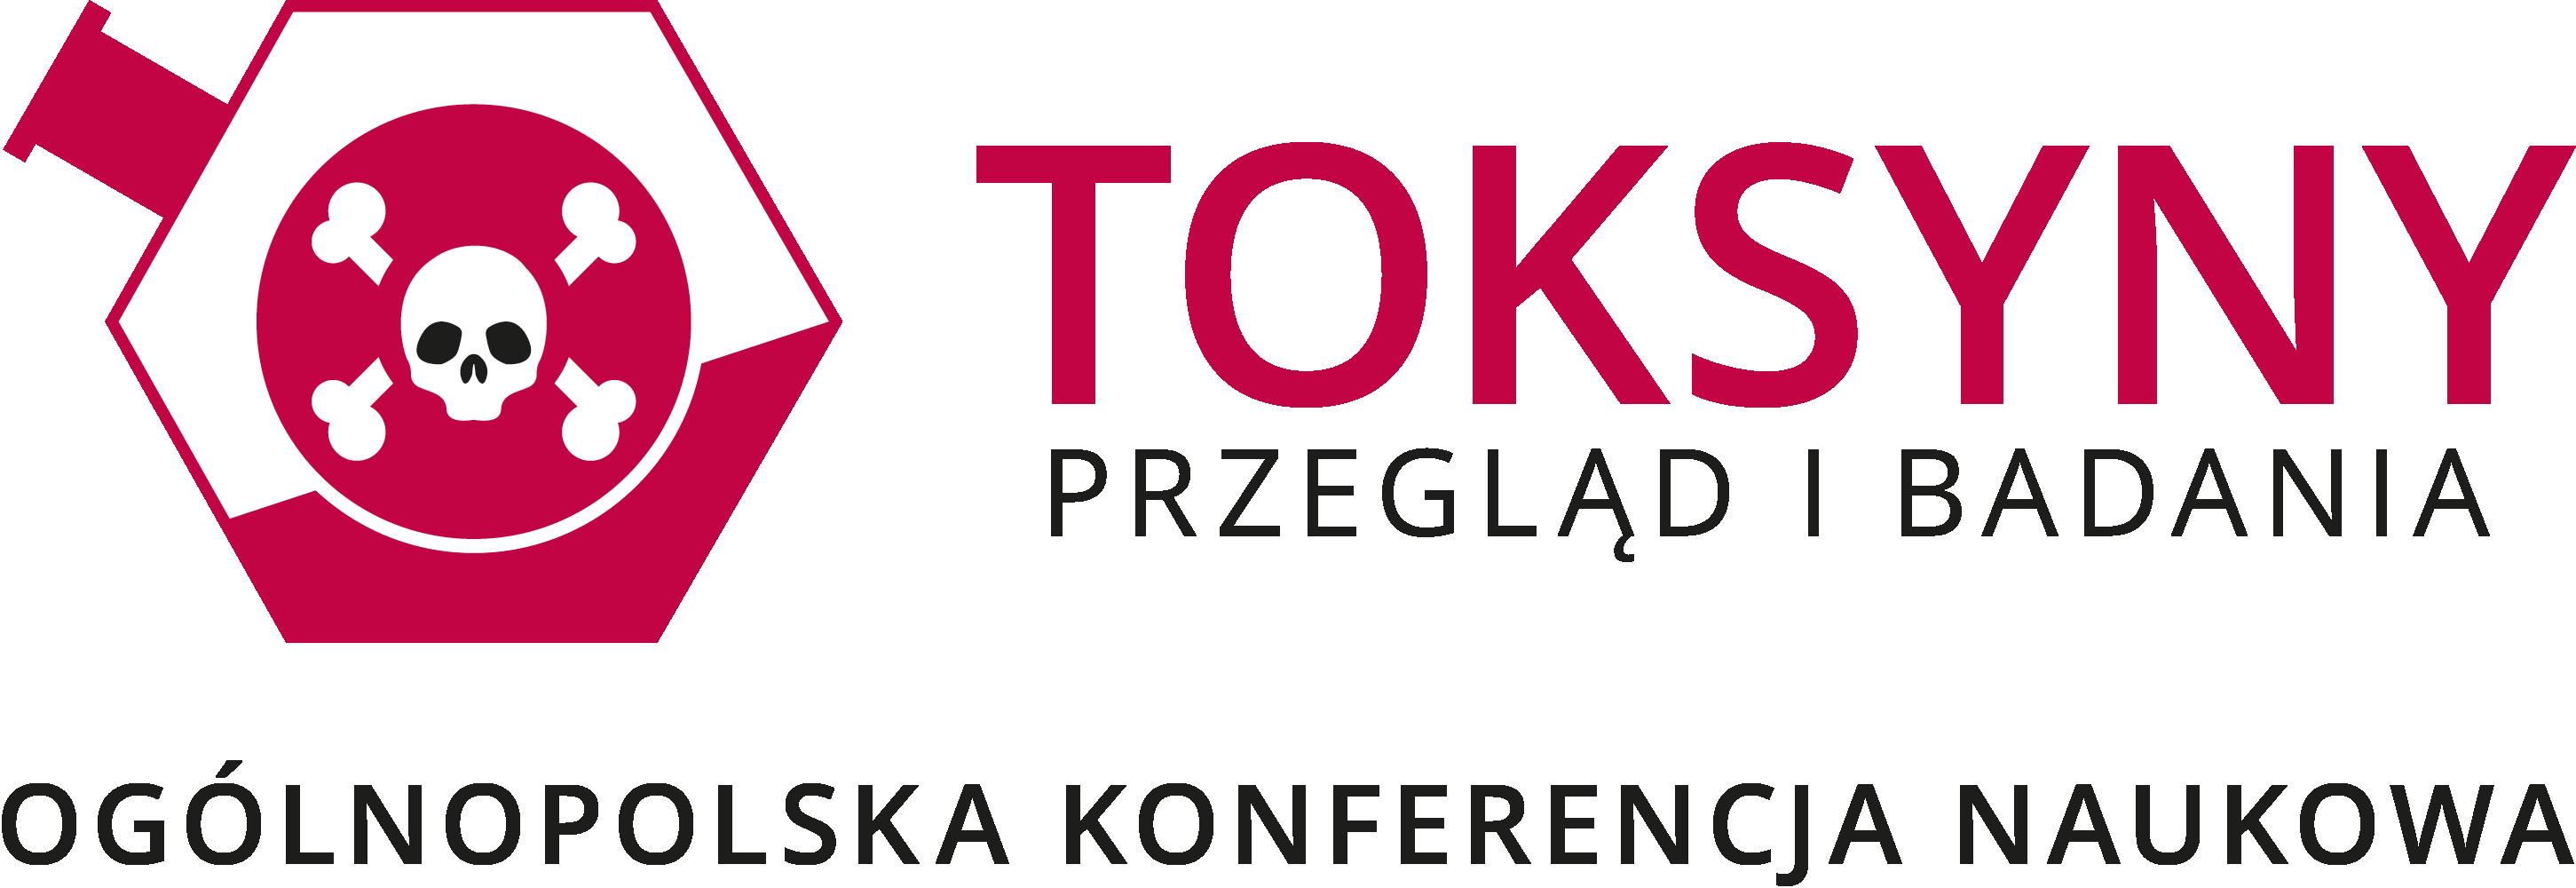 """Ogólnopolska Konferencja Naukowa """"Toksyny – przegląd i badania"""""""